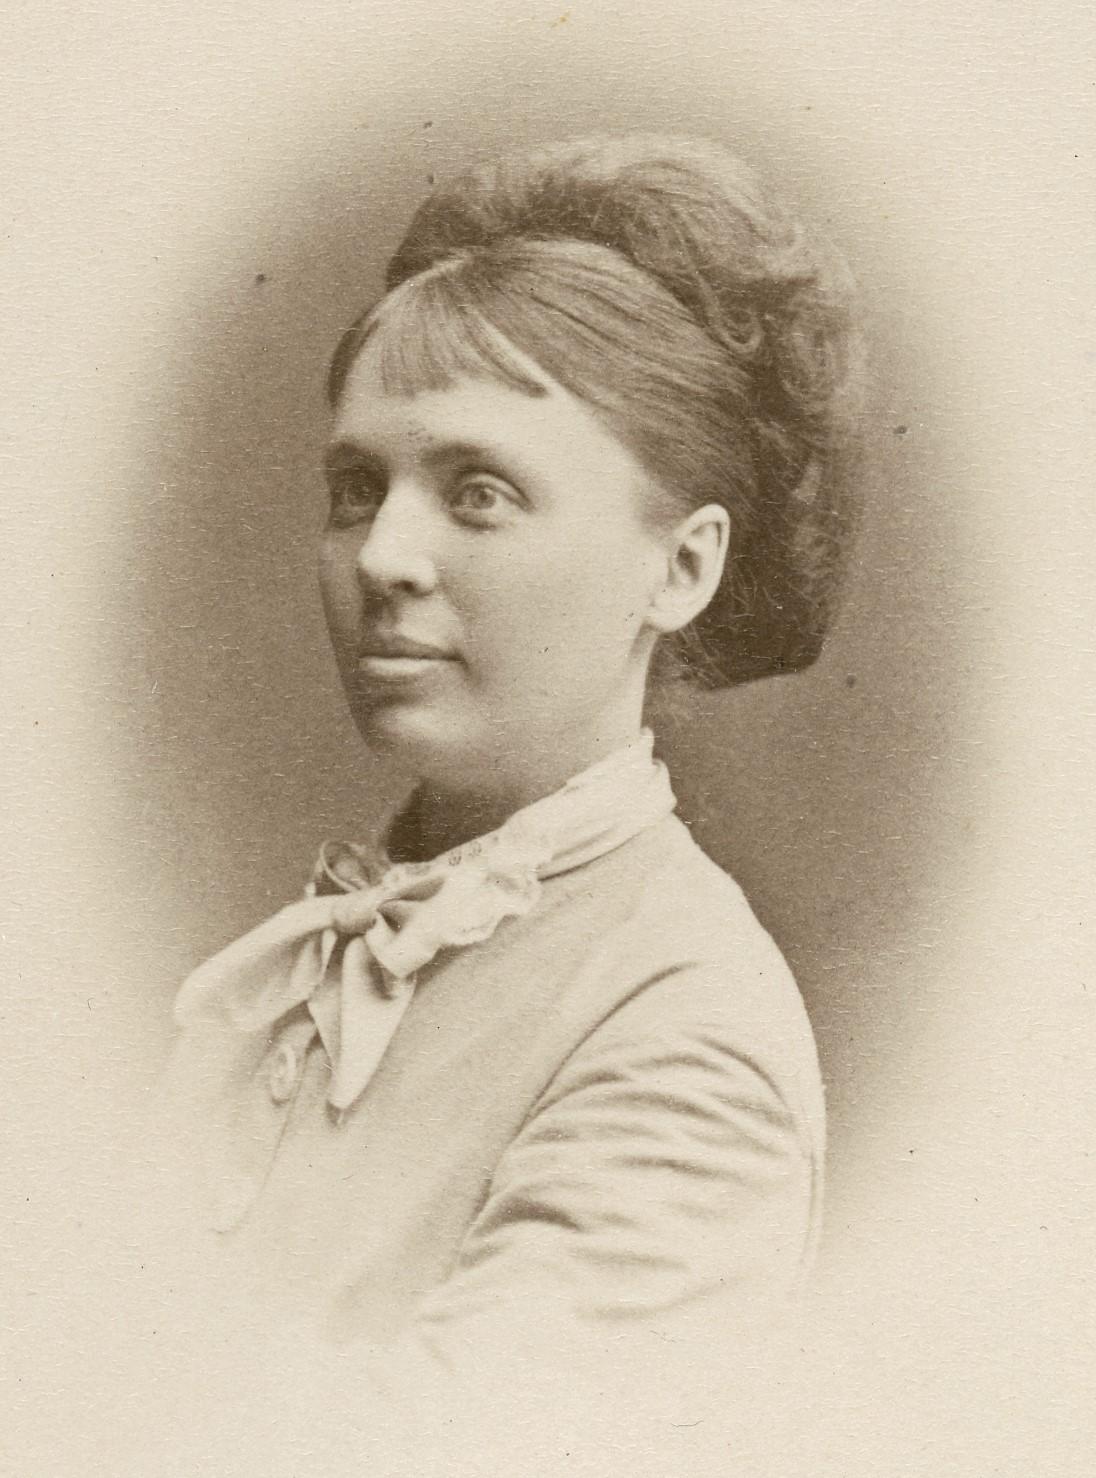 Fredrika Stenhammar, 1870. Photo: Gösta Florman (1831-1900). Musik- och teaterbiblioteket, Stockholm (H7 172)